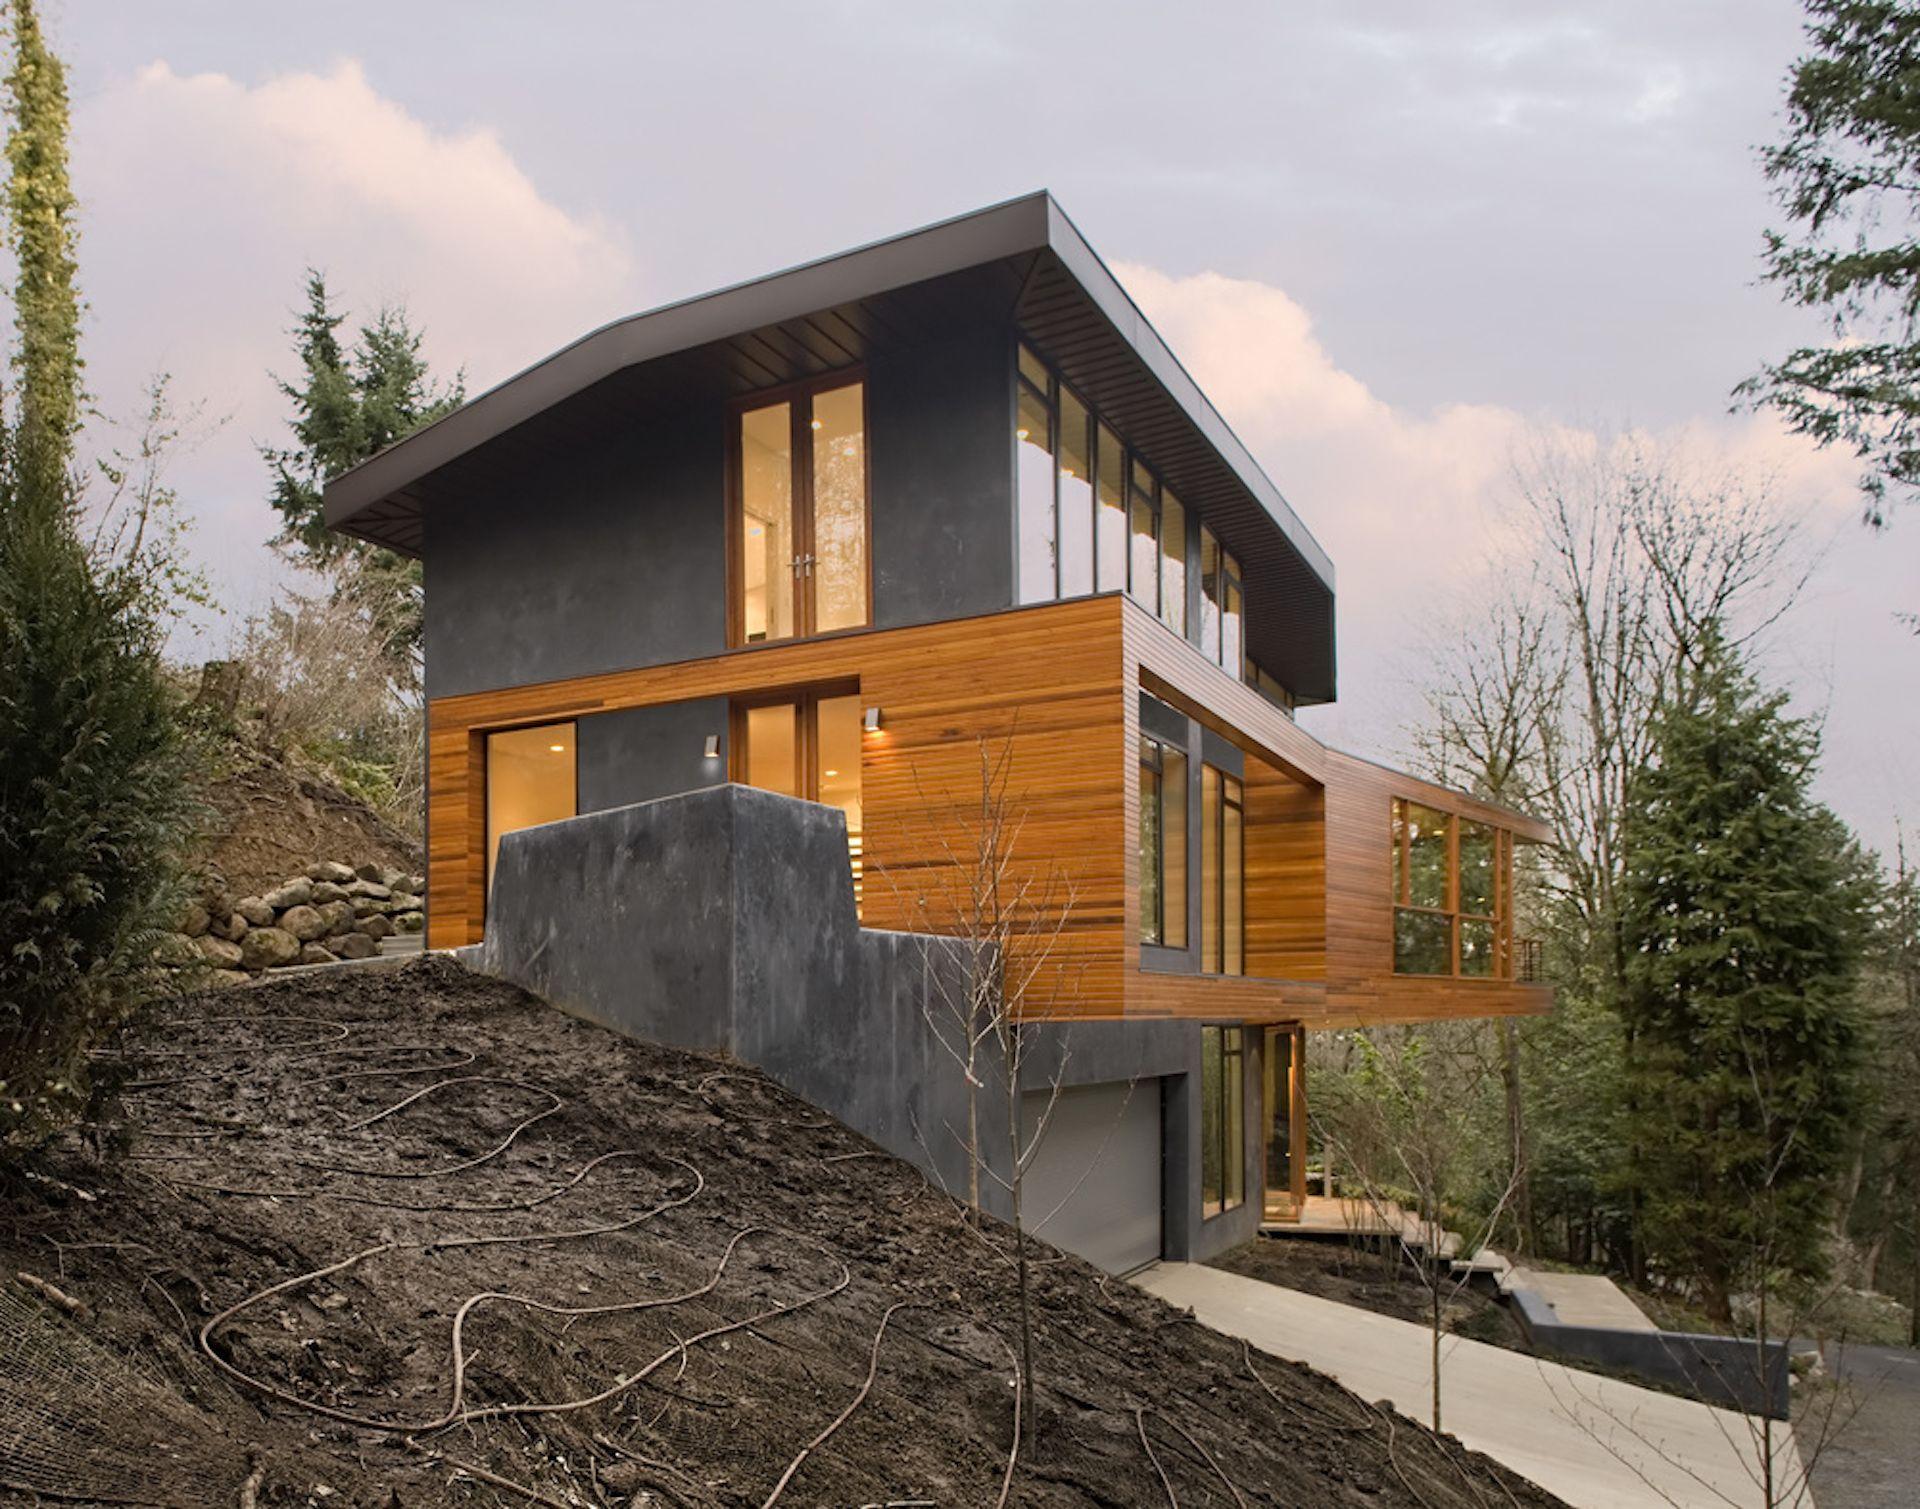 Hoke House - exterior - modlar.com